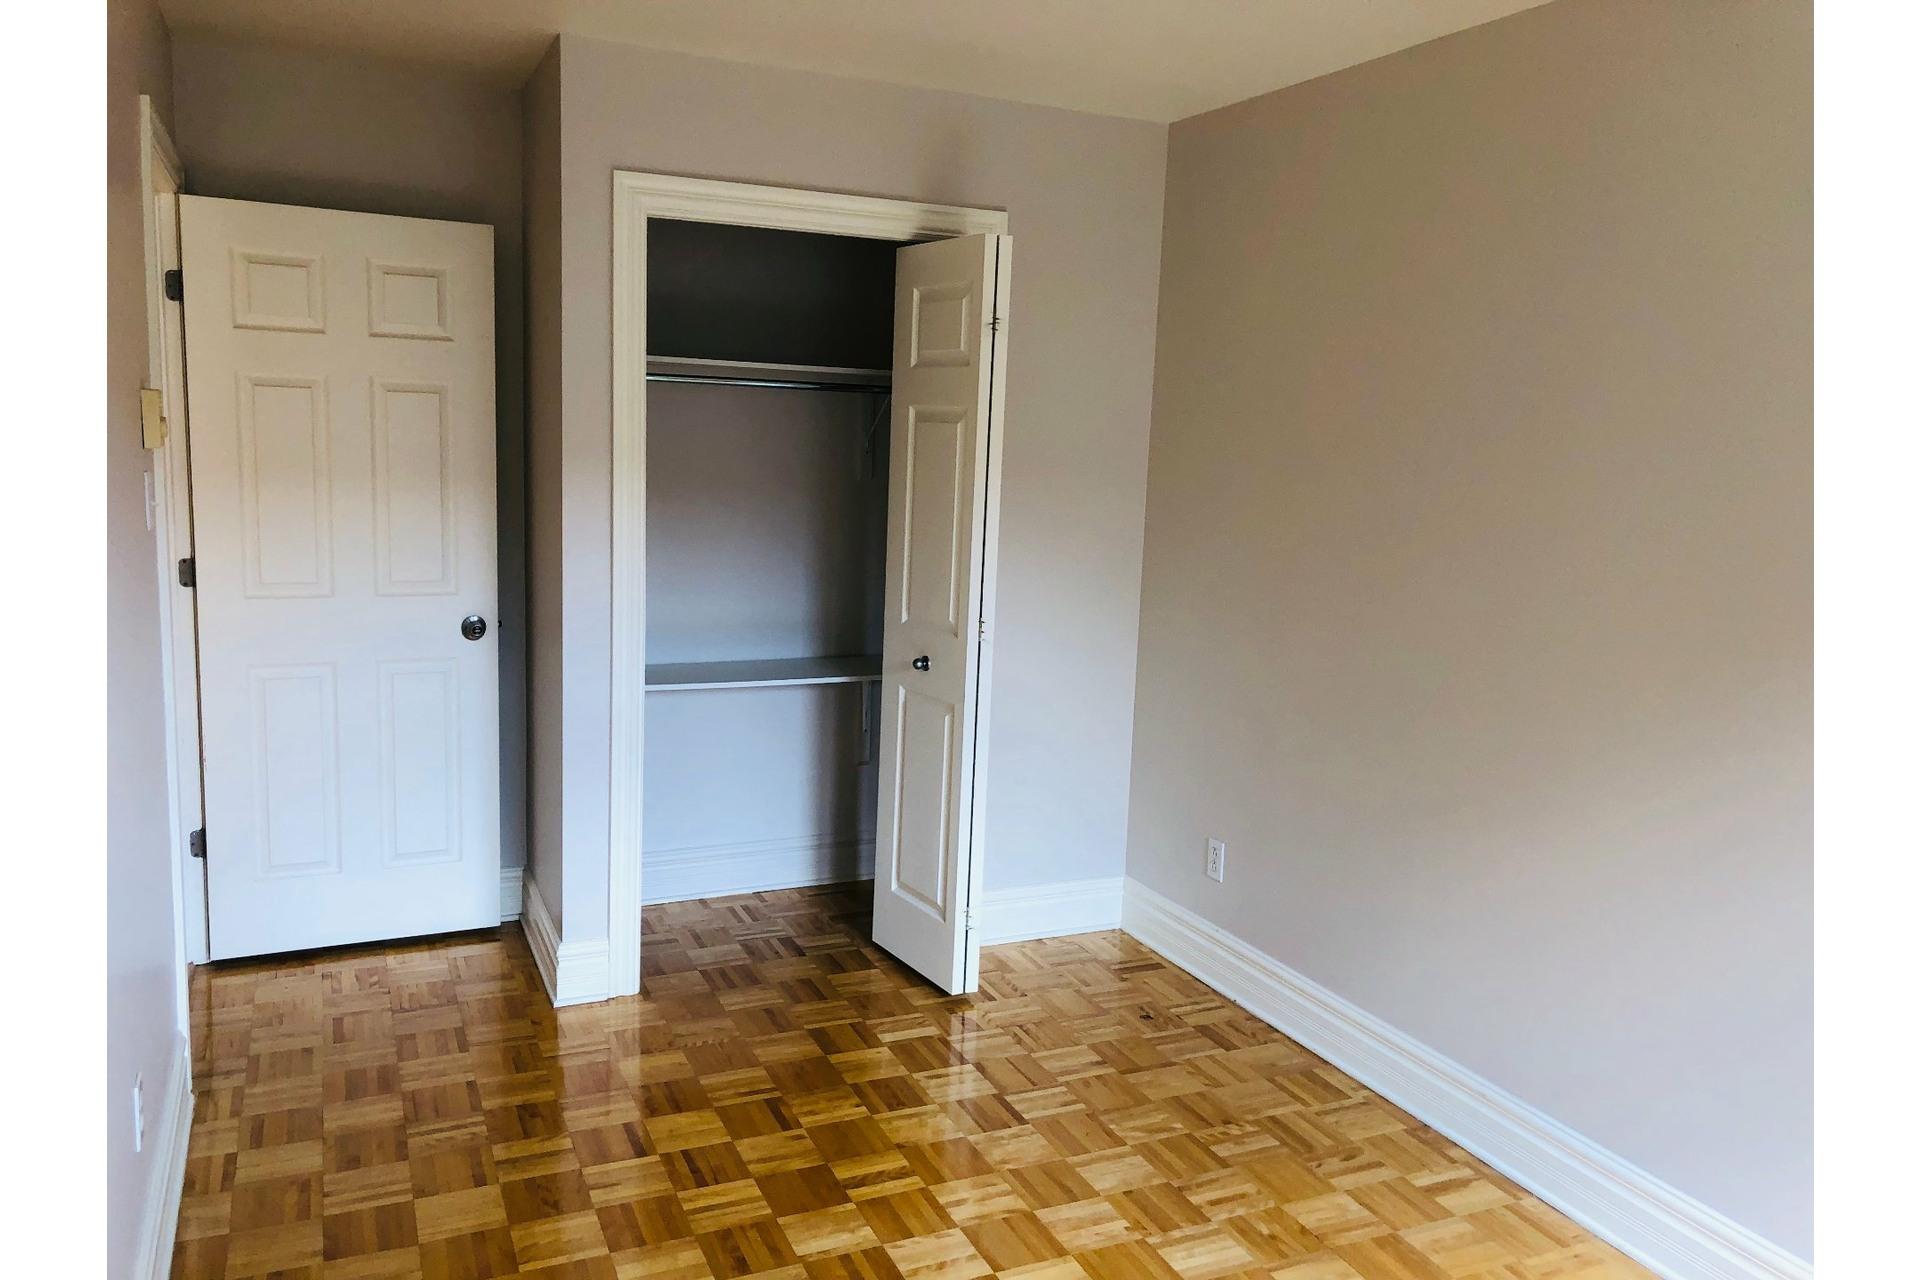 image 10 - Apartment For rent Ville-Marie Montréal  - 9 rooms